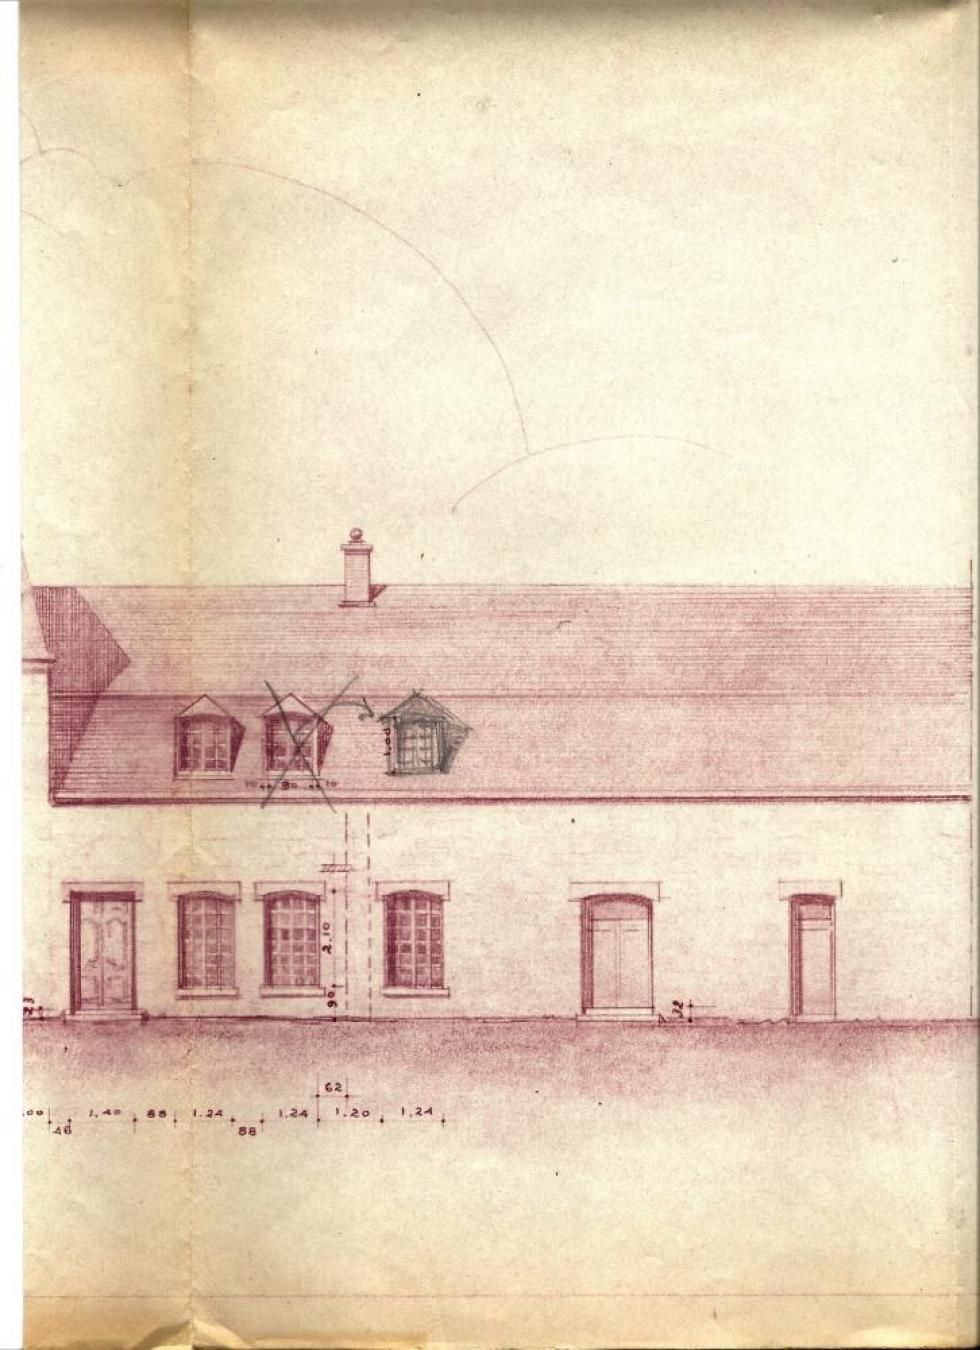 Les plans, approuvés par Lucien PRIEUR, A.C.M.H., le 14 octobre 1952 (l'écurie percé de deux nouvelles portes et de trois nouvelles fenêtres sur sa façade Est).